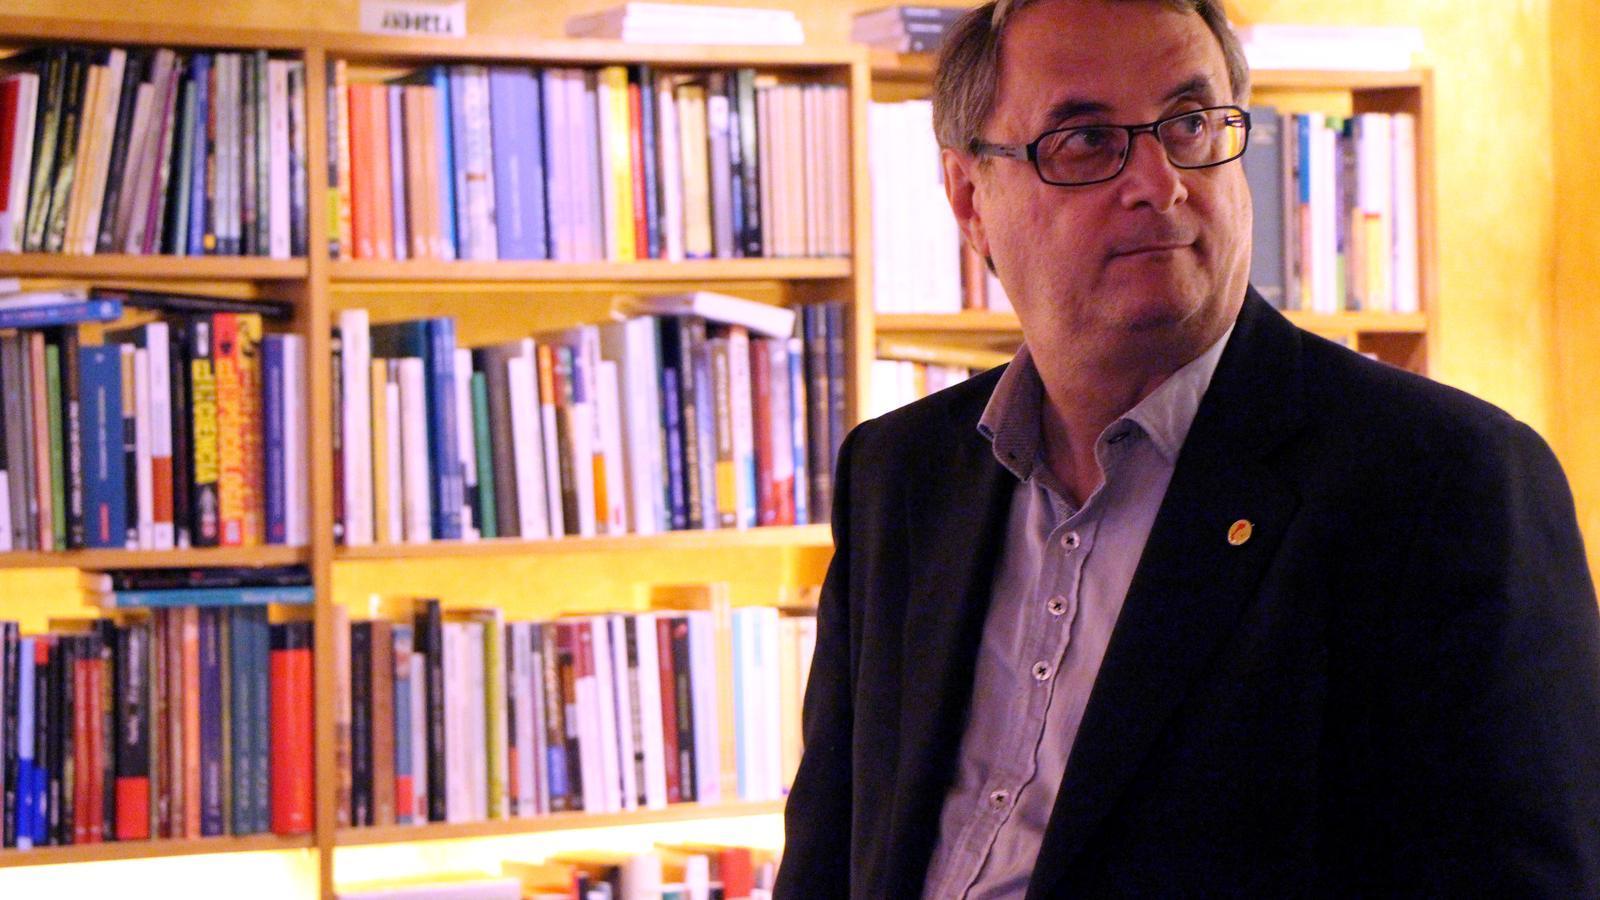 El periodista Vicent Partal abans de la xerrada a la Llibreria La Puça